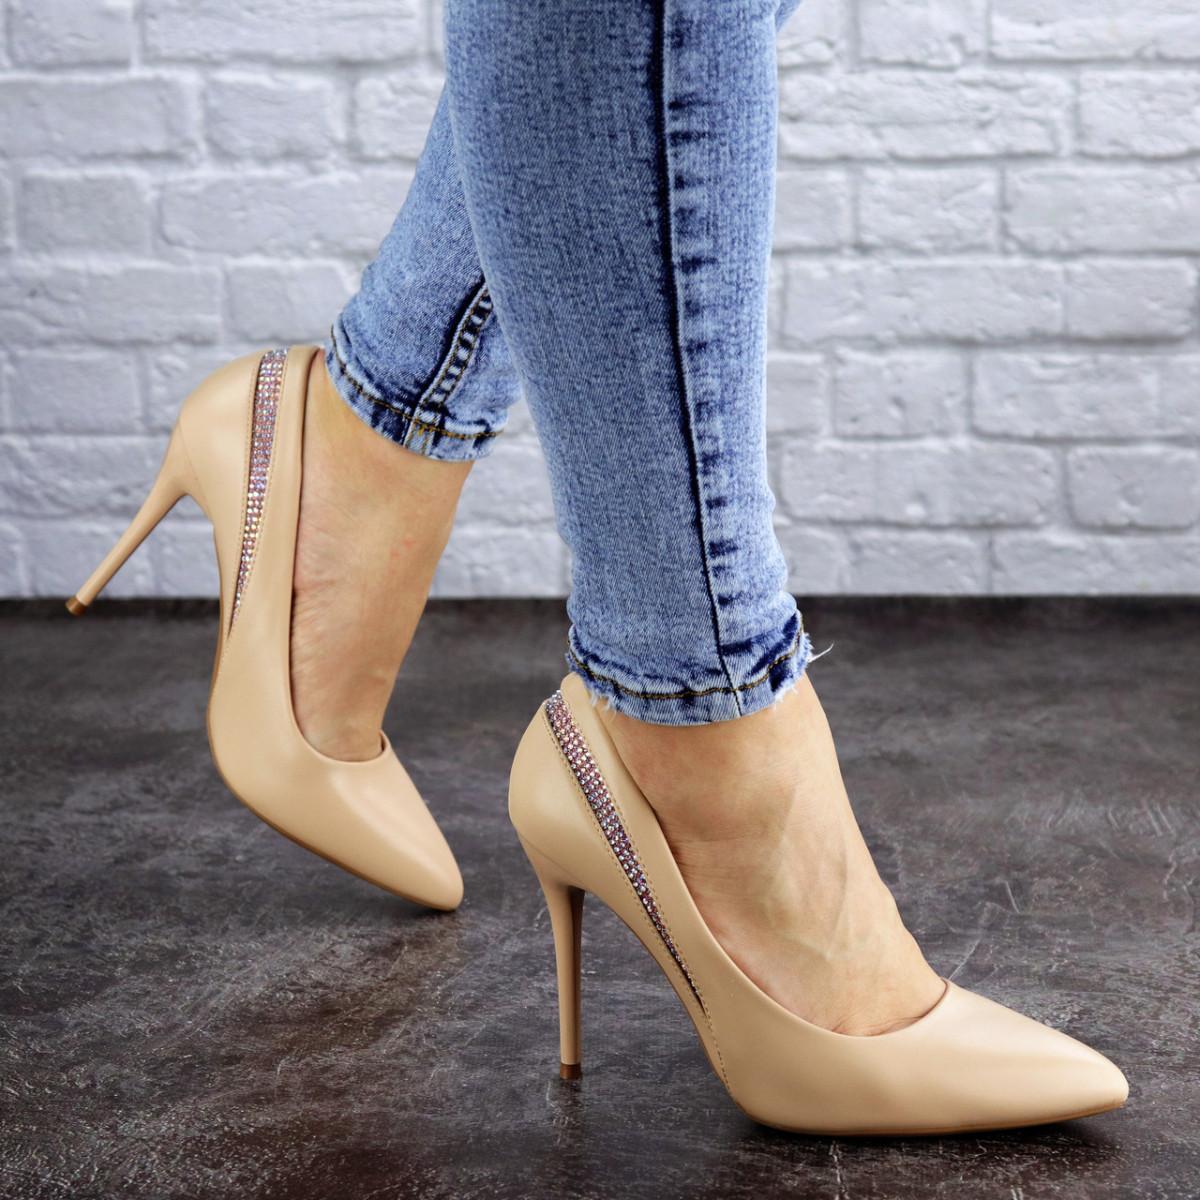 Жіночі туфлі човники на шпильці Fashion Shiro 2073 38 розмір 24,5 см Бежевий